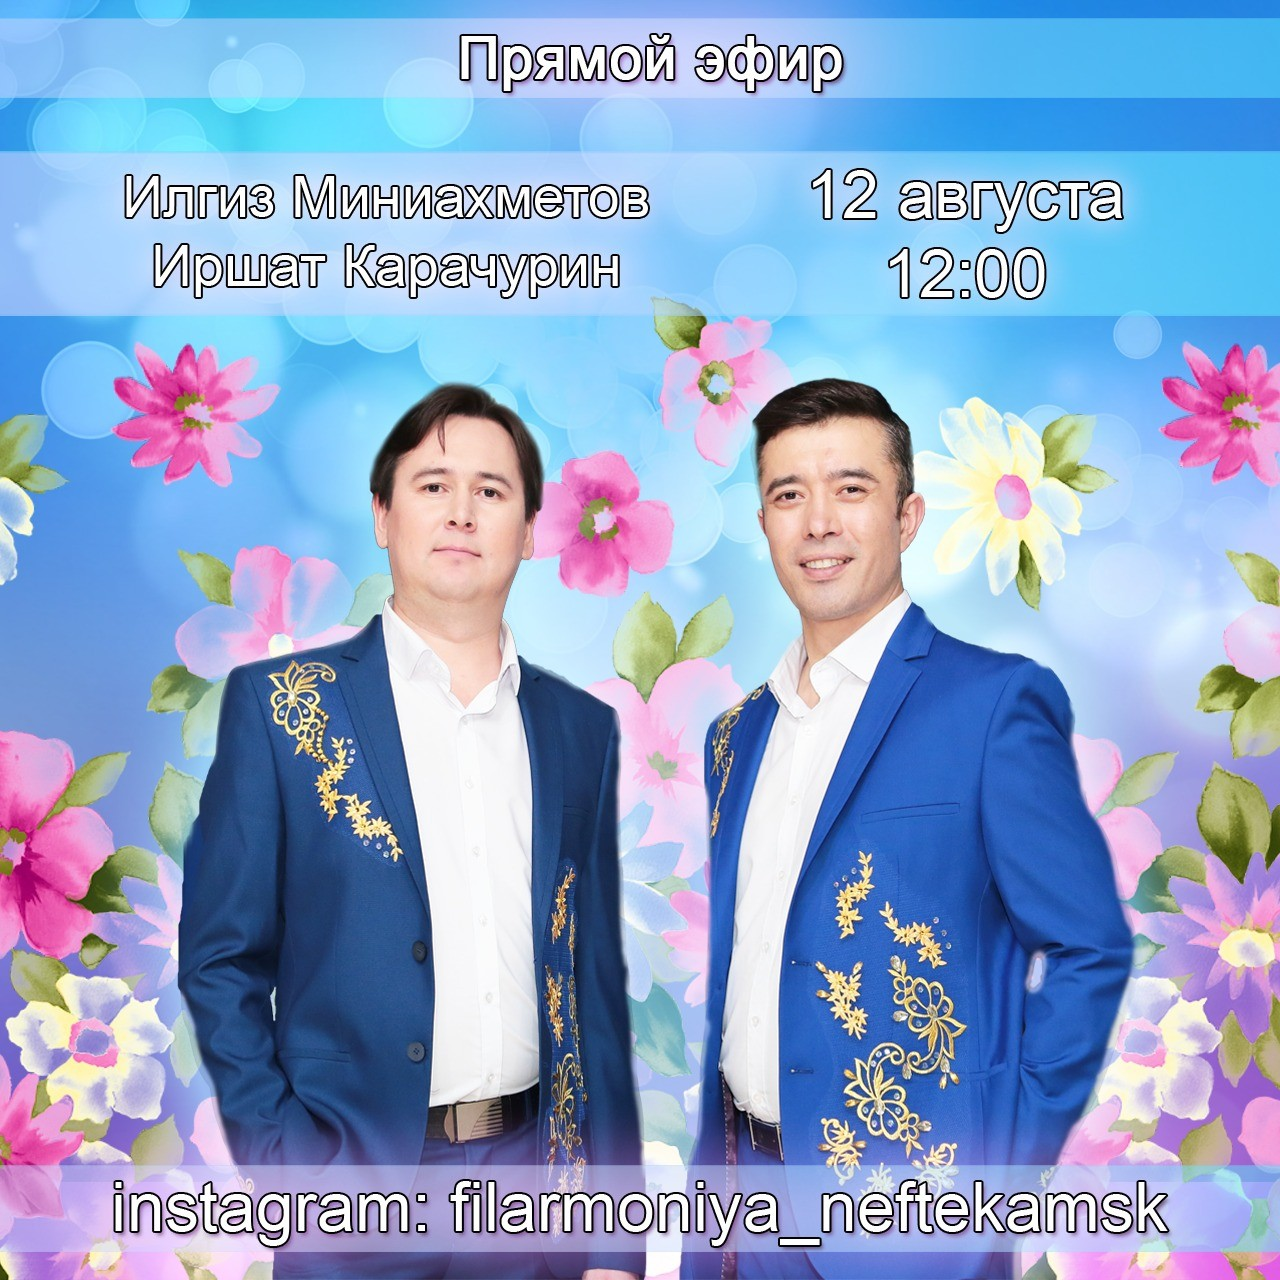 Прямой эфир Илгиза Миниахметова и Иршата Карачурина